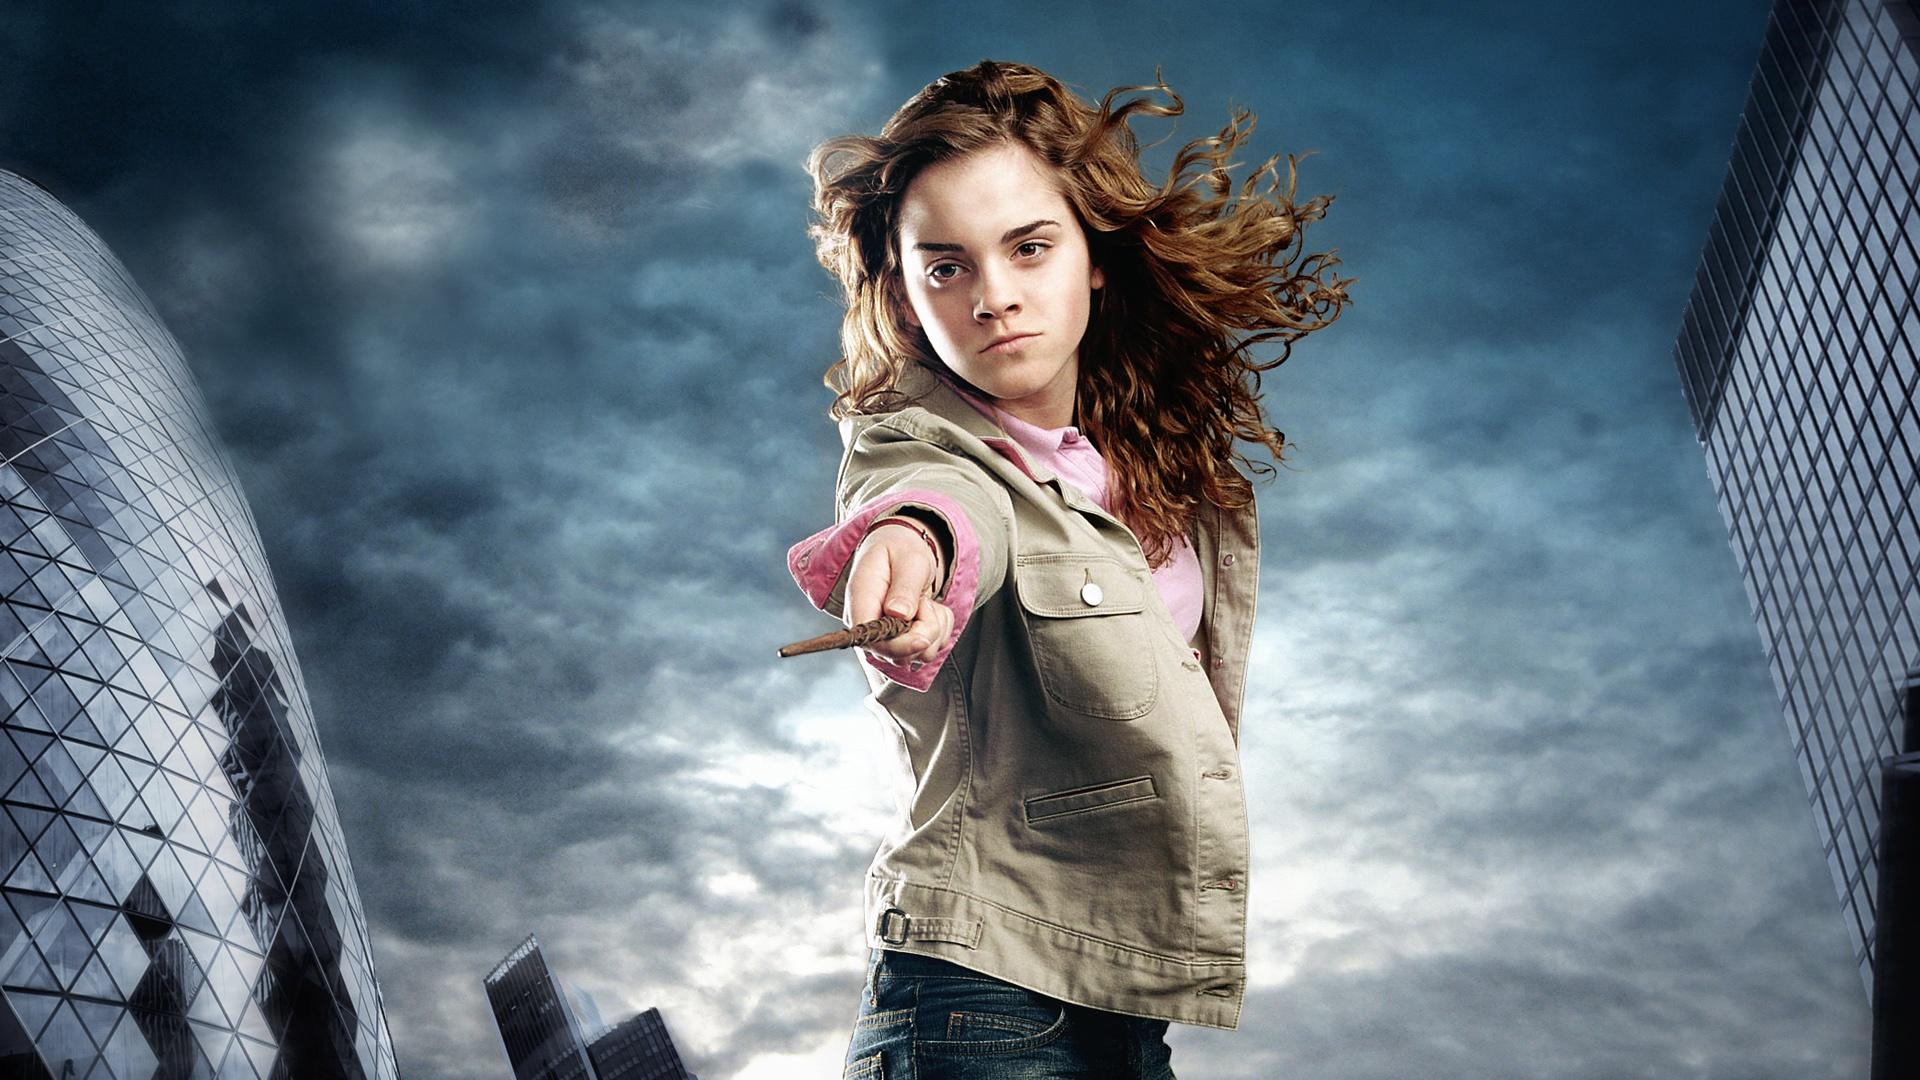 Description Hermione Emma Watson Wallpaper is a hi res Wallpaper for 1920x1080